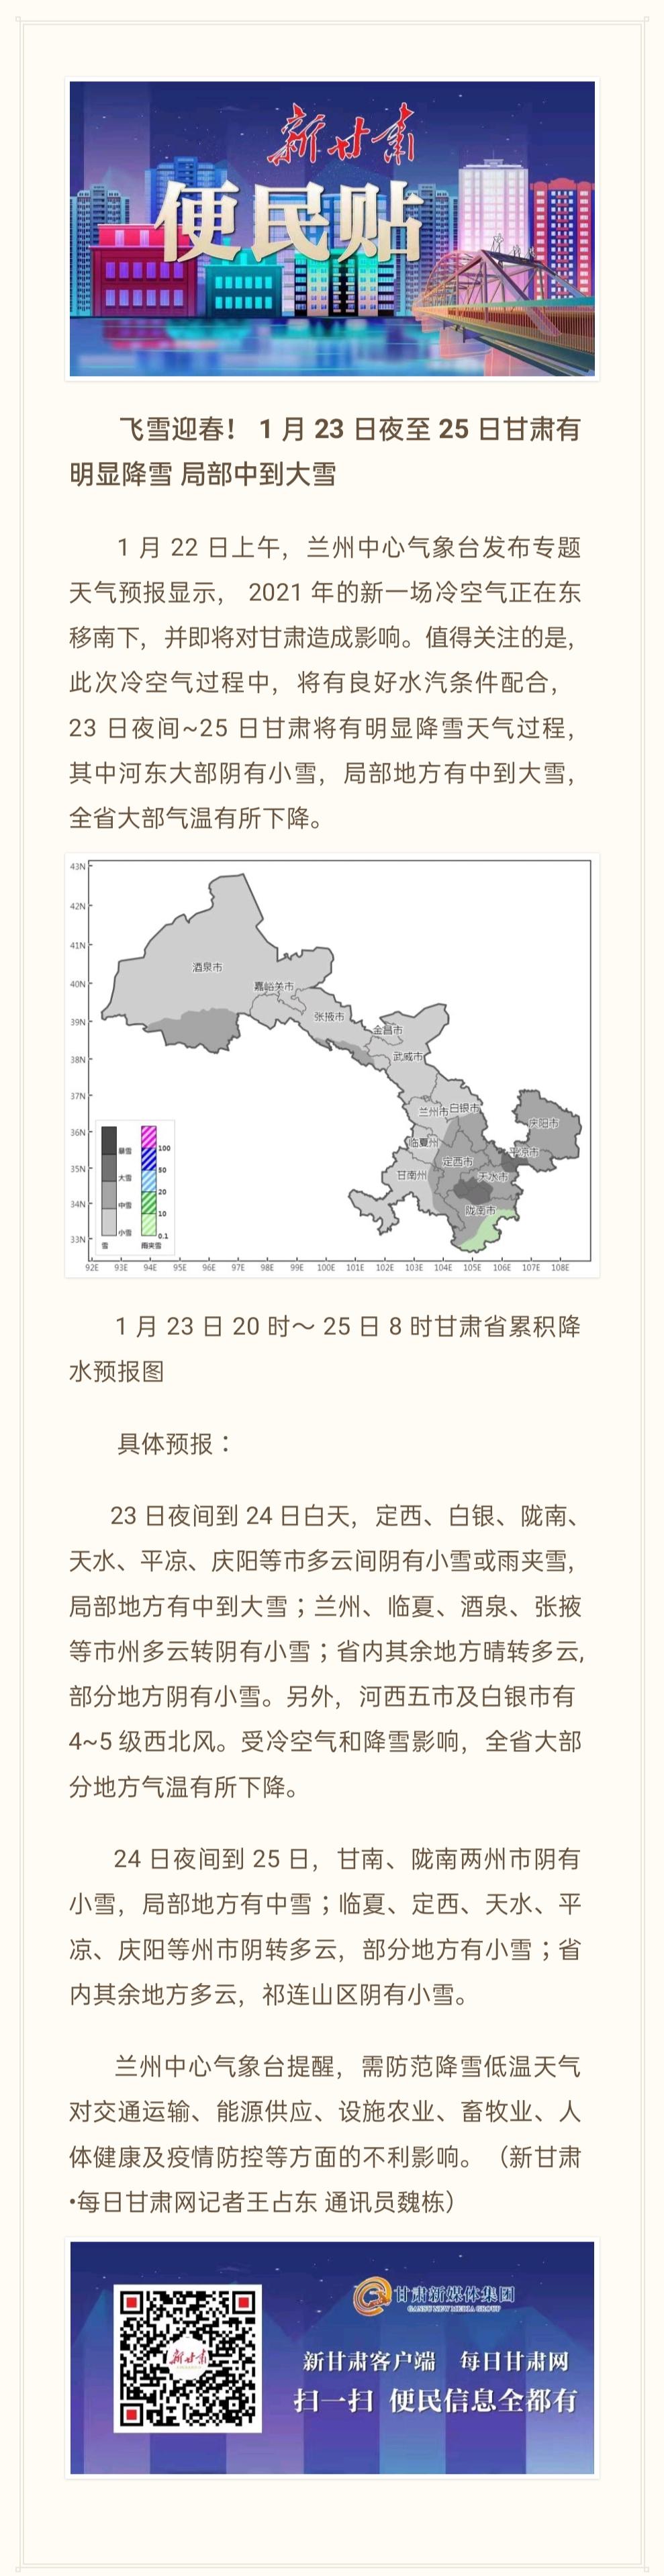 飞雪迎春!1月23日夜至25日甘肃有明显降雪 局部中到大雪